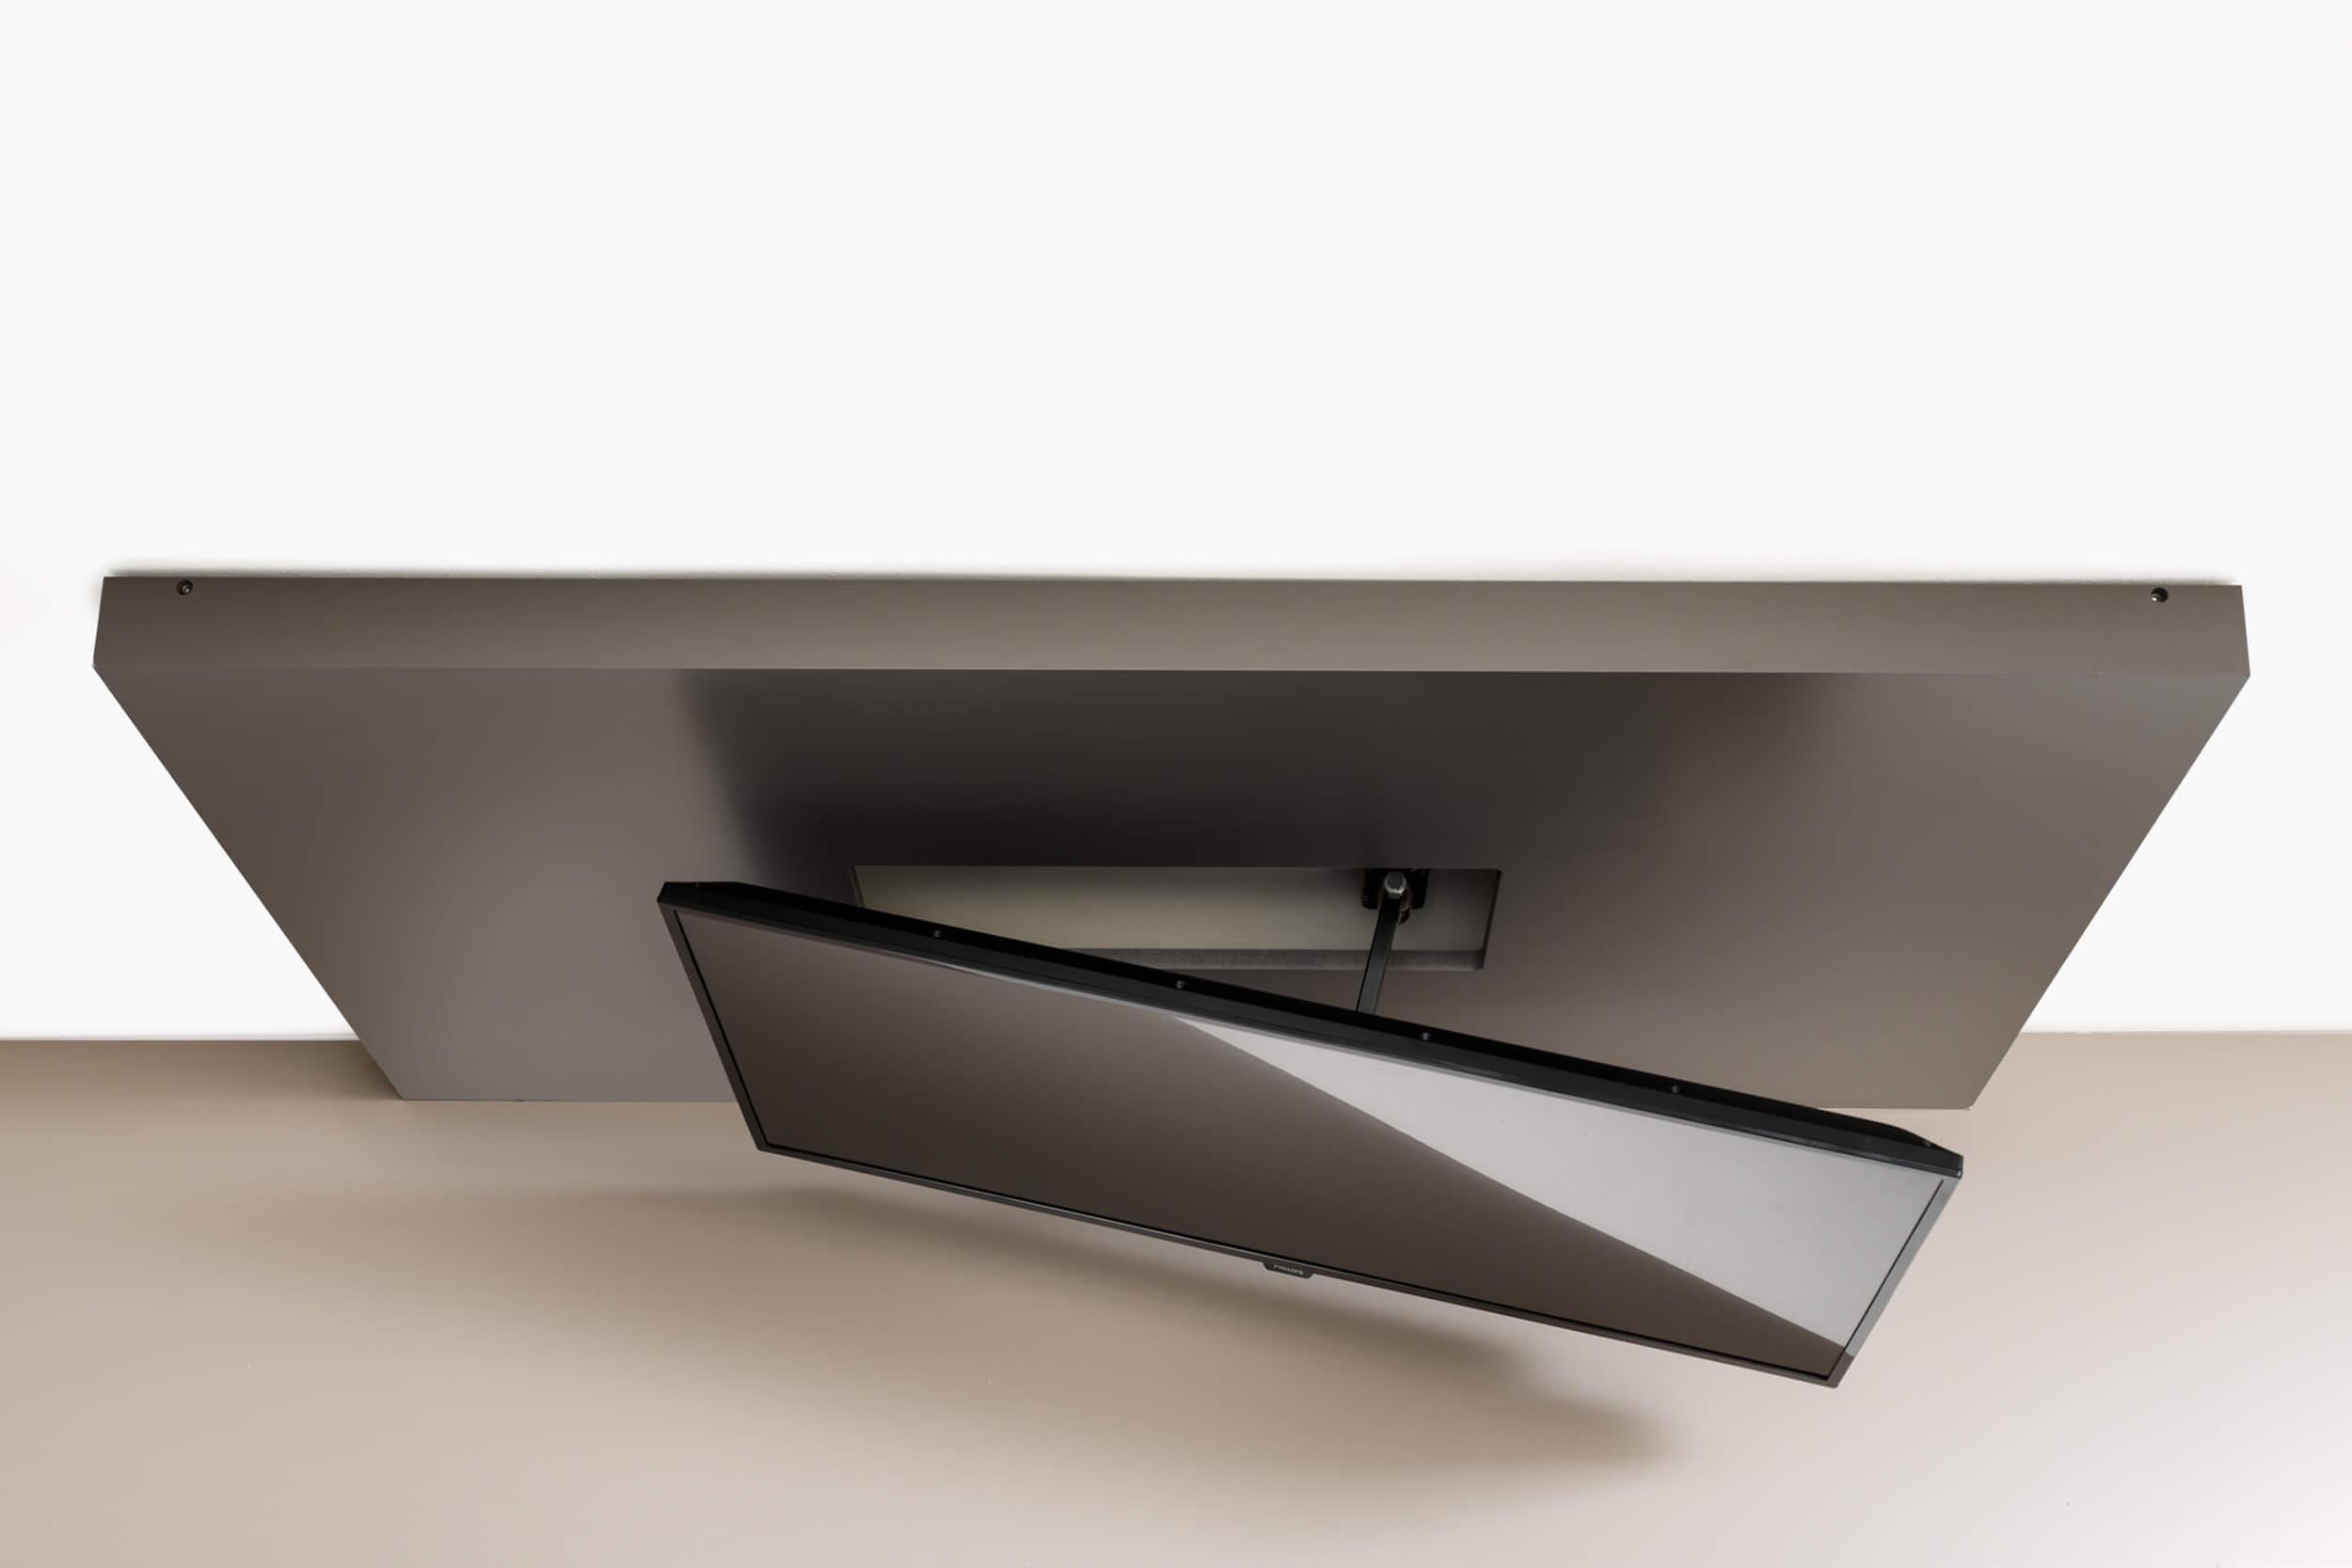 Pannello Porta Tv.Mobili Porta Tv Moderni E Di Design Novamobili